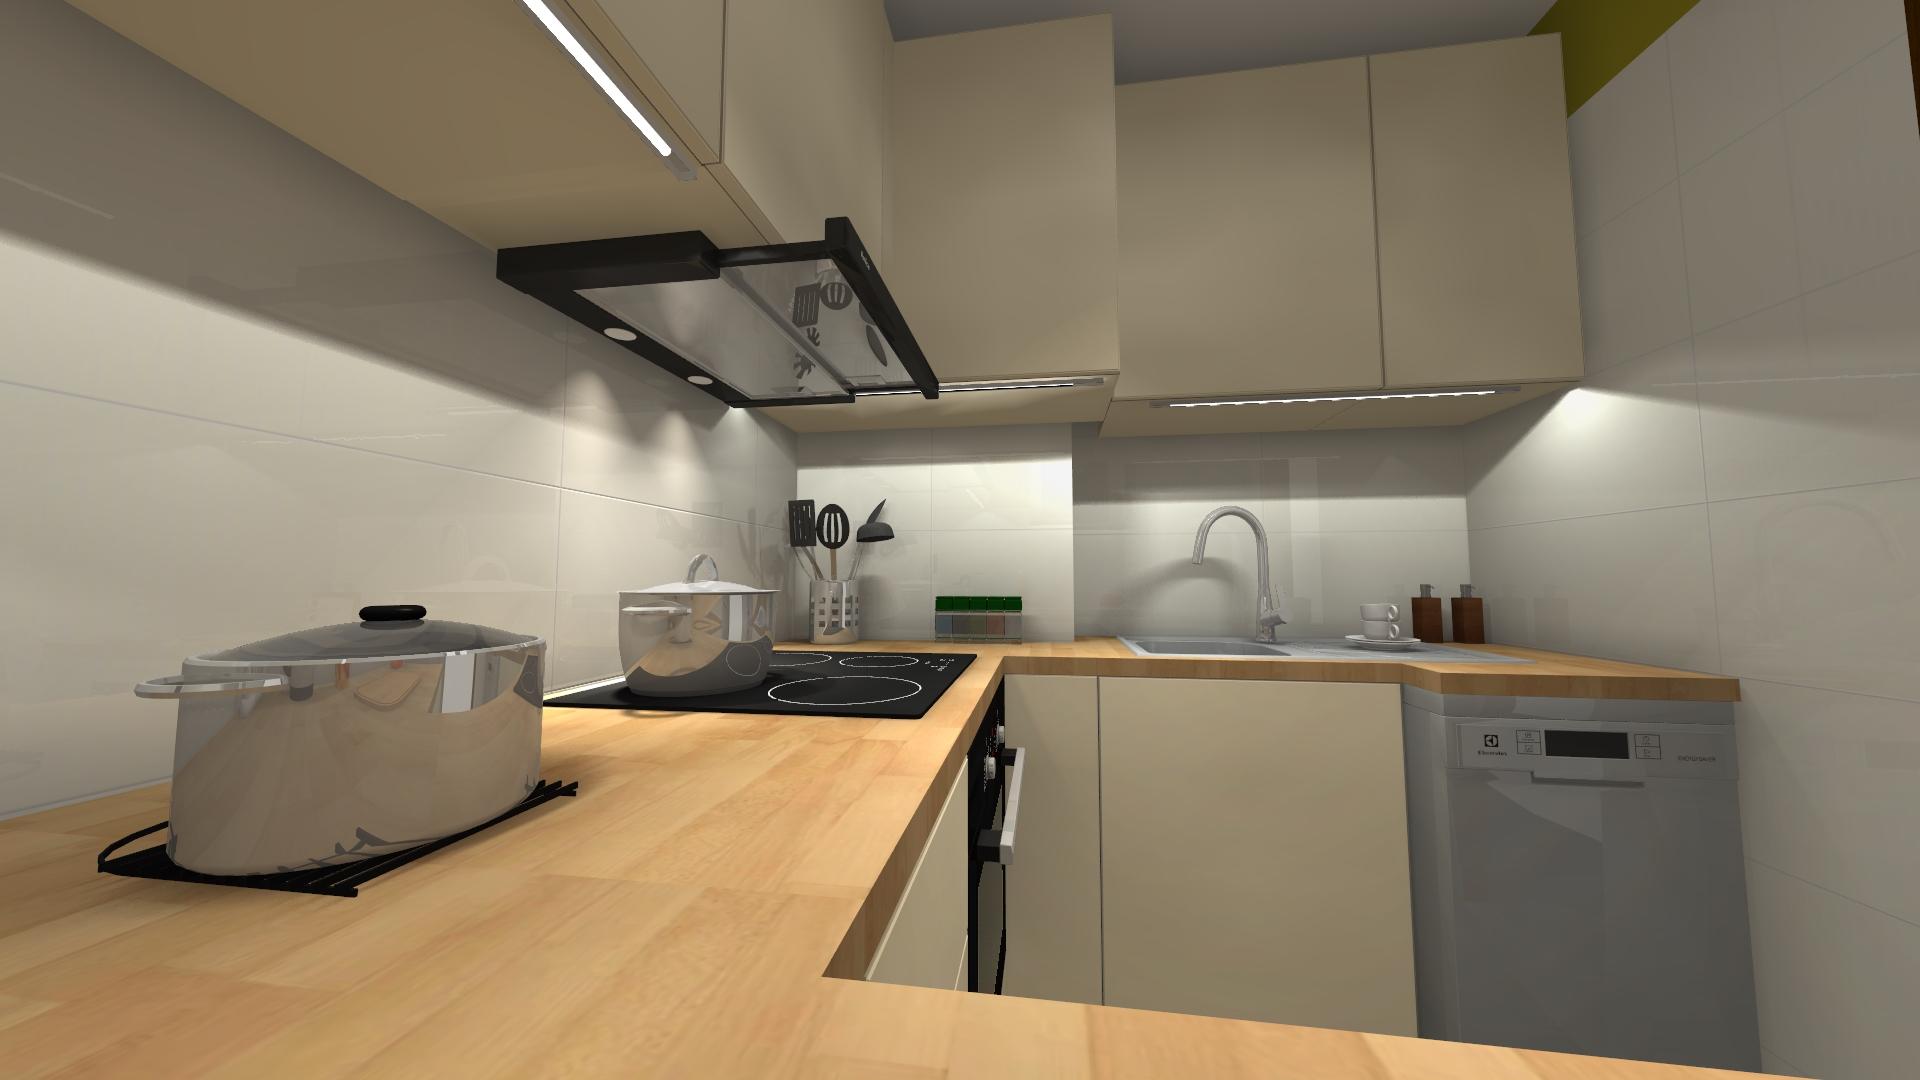 Mała Kuchnia (7)